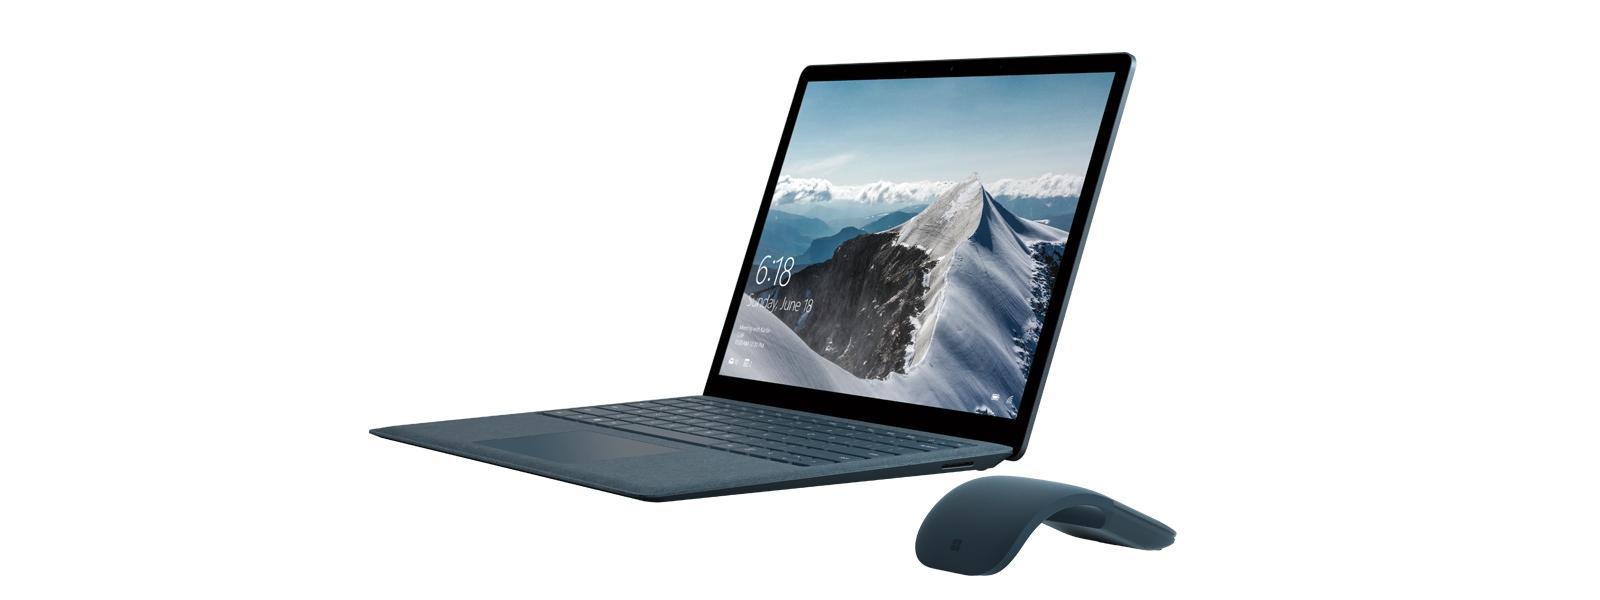 Surface Laptop bleu cobalt de biais, avec un arrière-plan de montagne enneigée à l'écran et une souris Arc Touch Mouse bleu colbalt à côté.